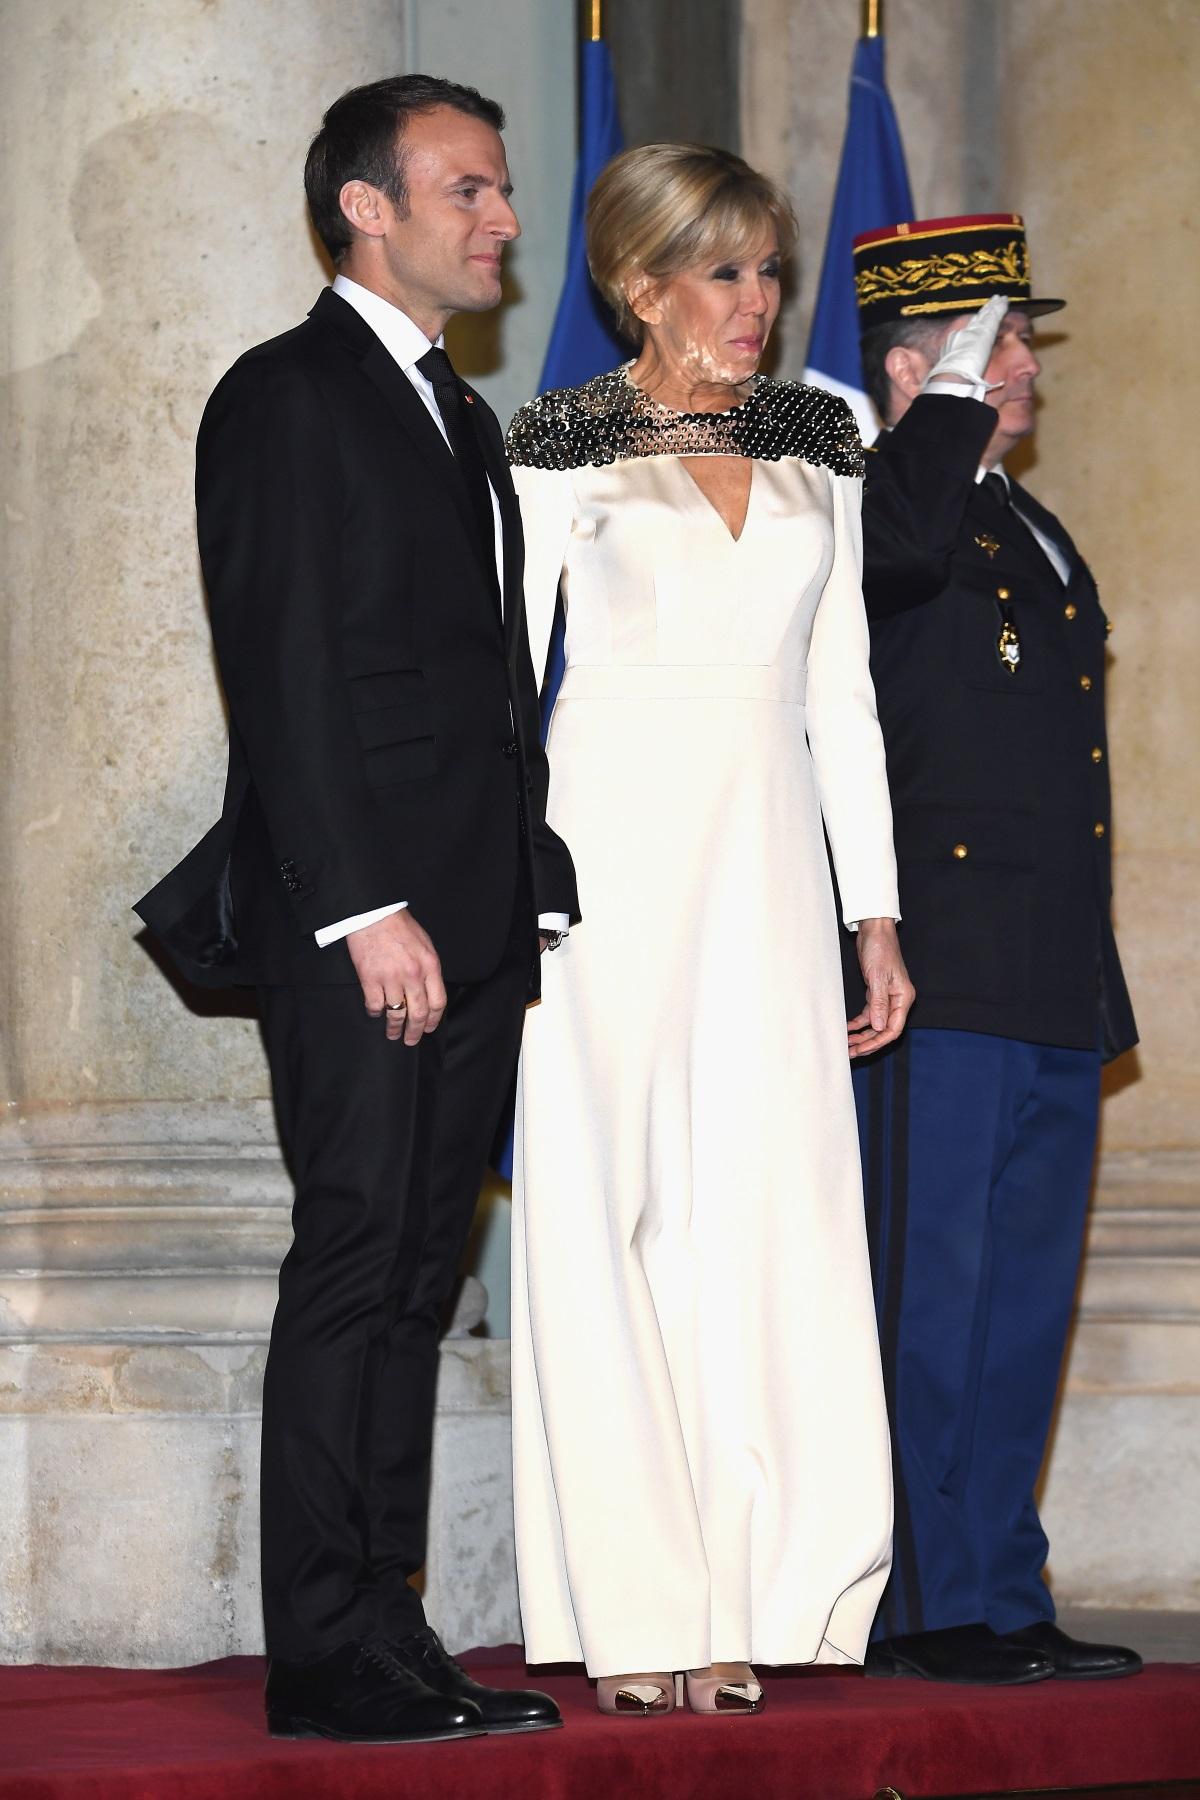 Първата дама на Франция посрещна в Елисейския дворец херцога на Люксембург -Анри Люксембургски,и съпругата му